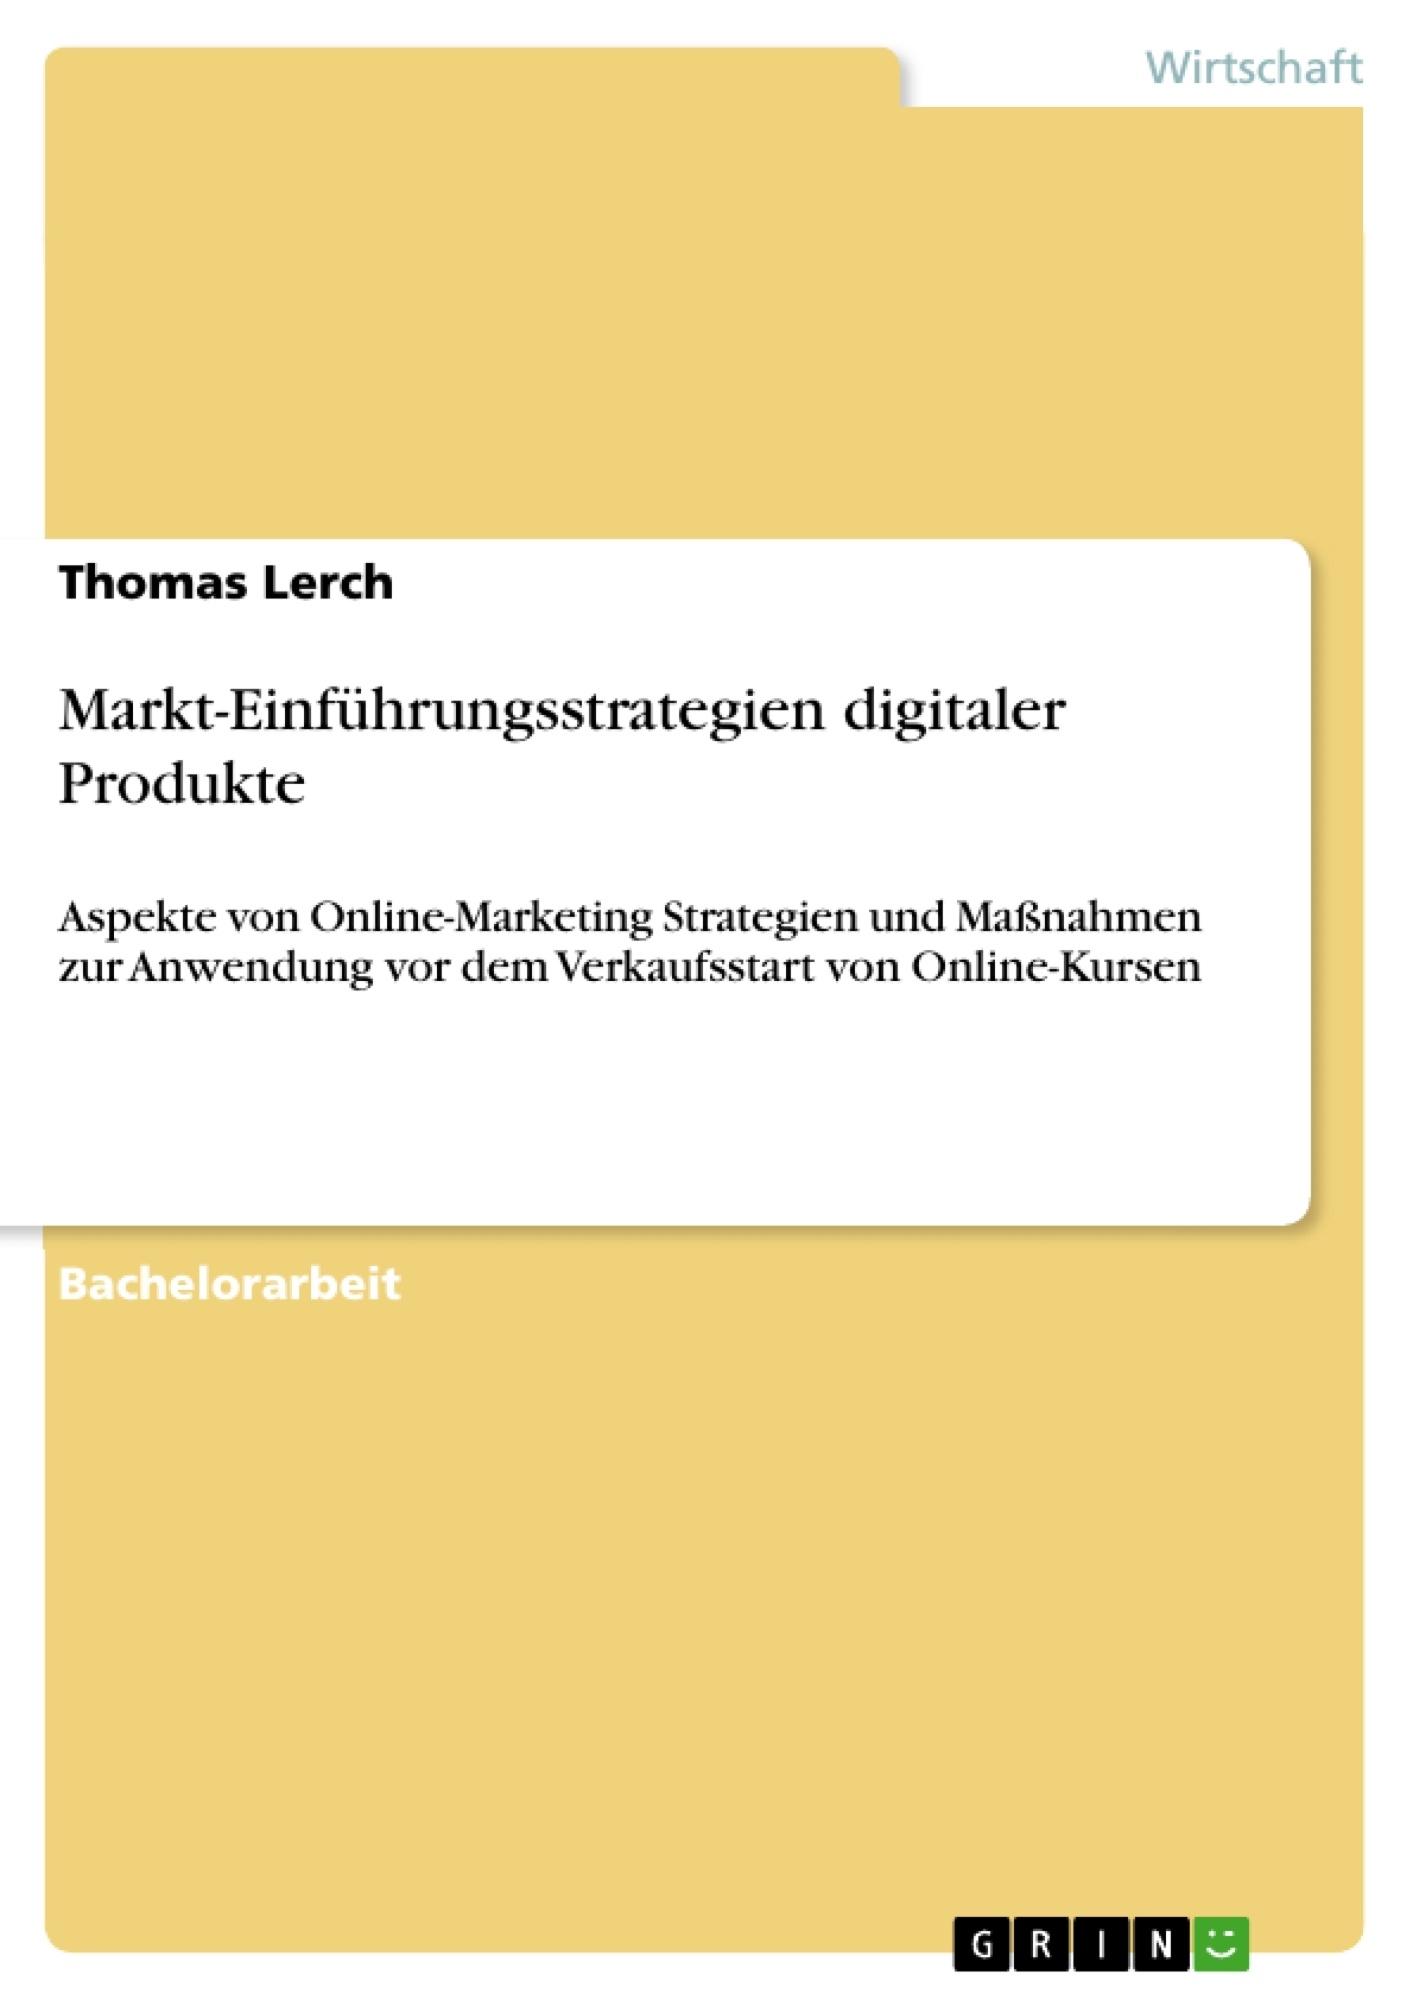 Titel: Markt-Einführungsstrategien digitaler Produkte